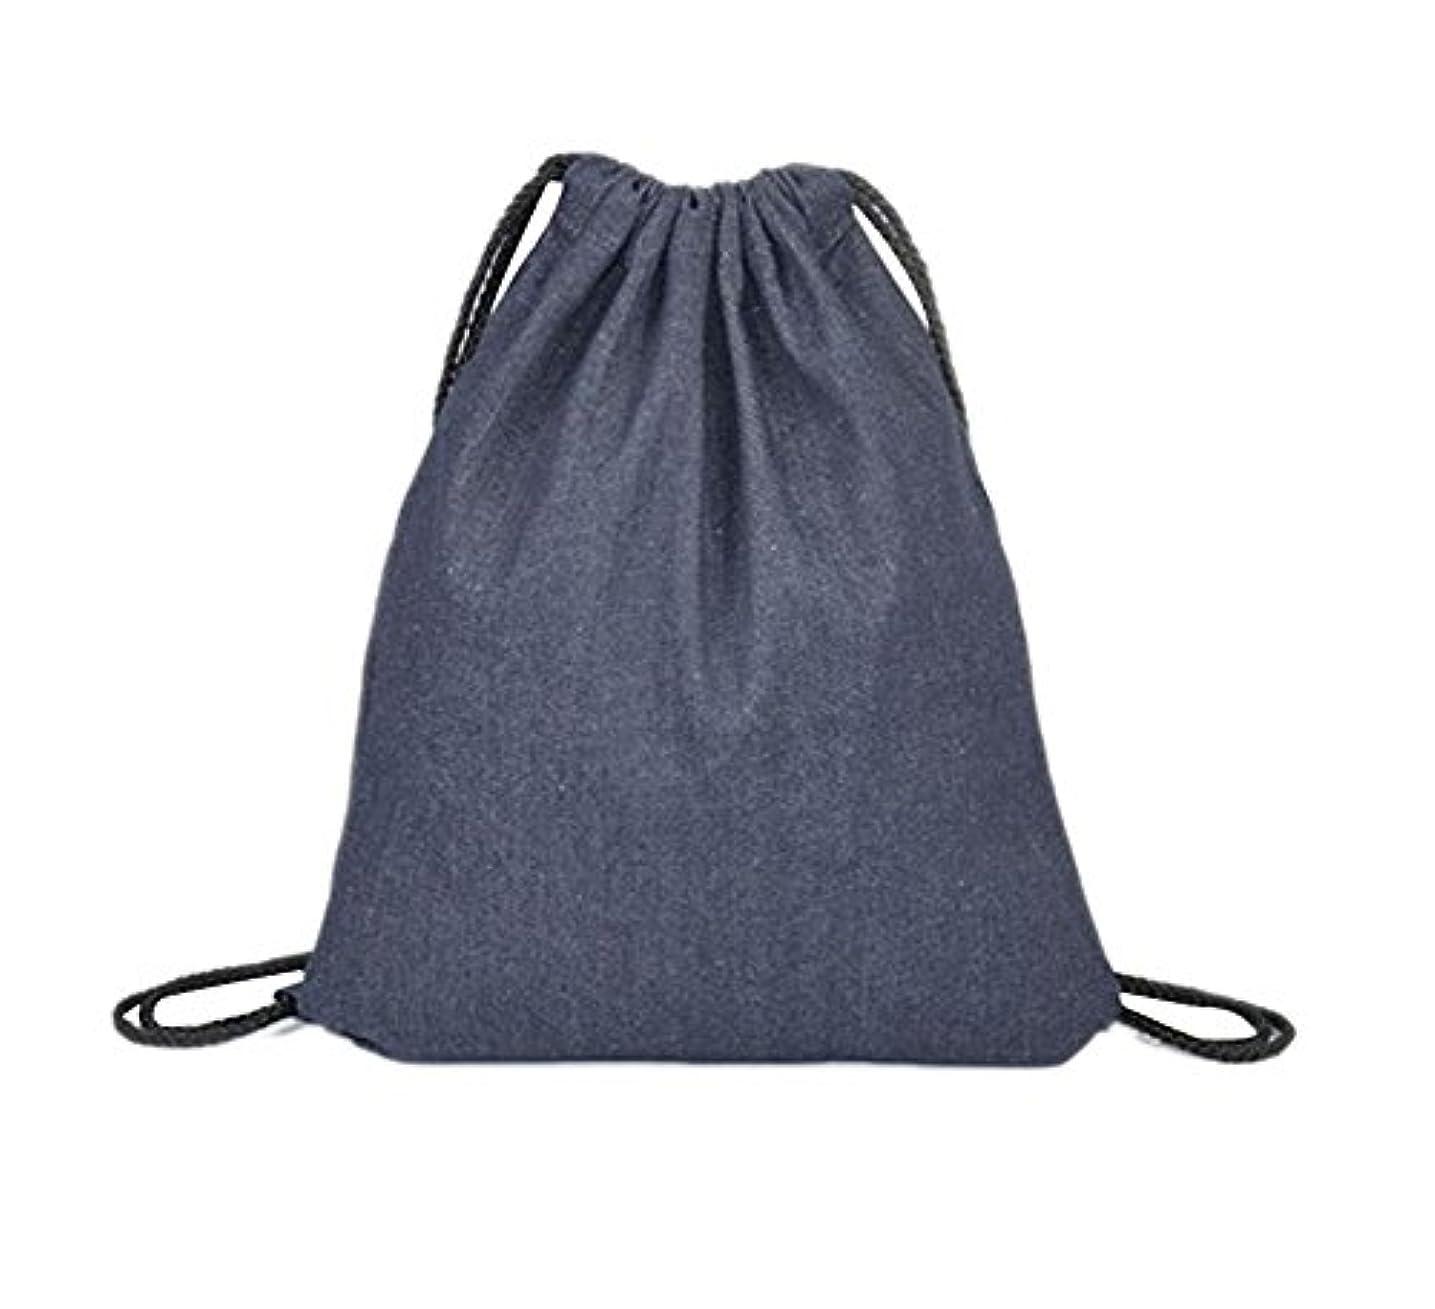 置くためにパックアイロニー災難Gespout ナップサック 巾着袋 無地 レディース 大容量 超軽 収納バッグ 男女兼用 おしゃれ メンズ 便利 人気 こども ショッピングバッグ 登山バッグ レジャー 旅行 運動